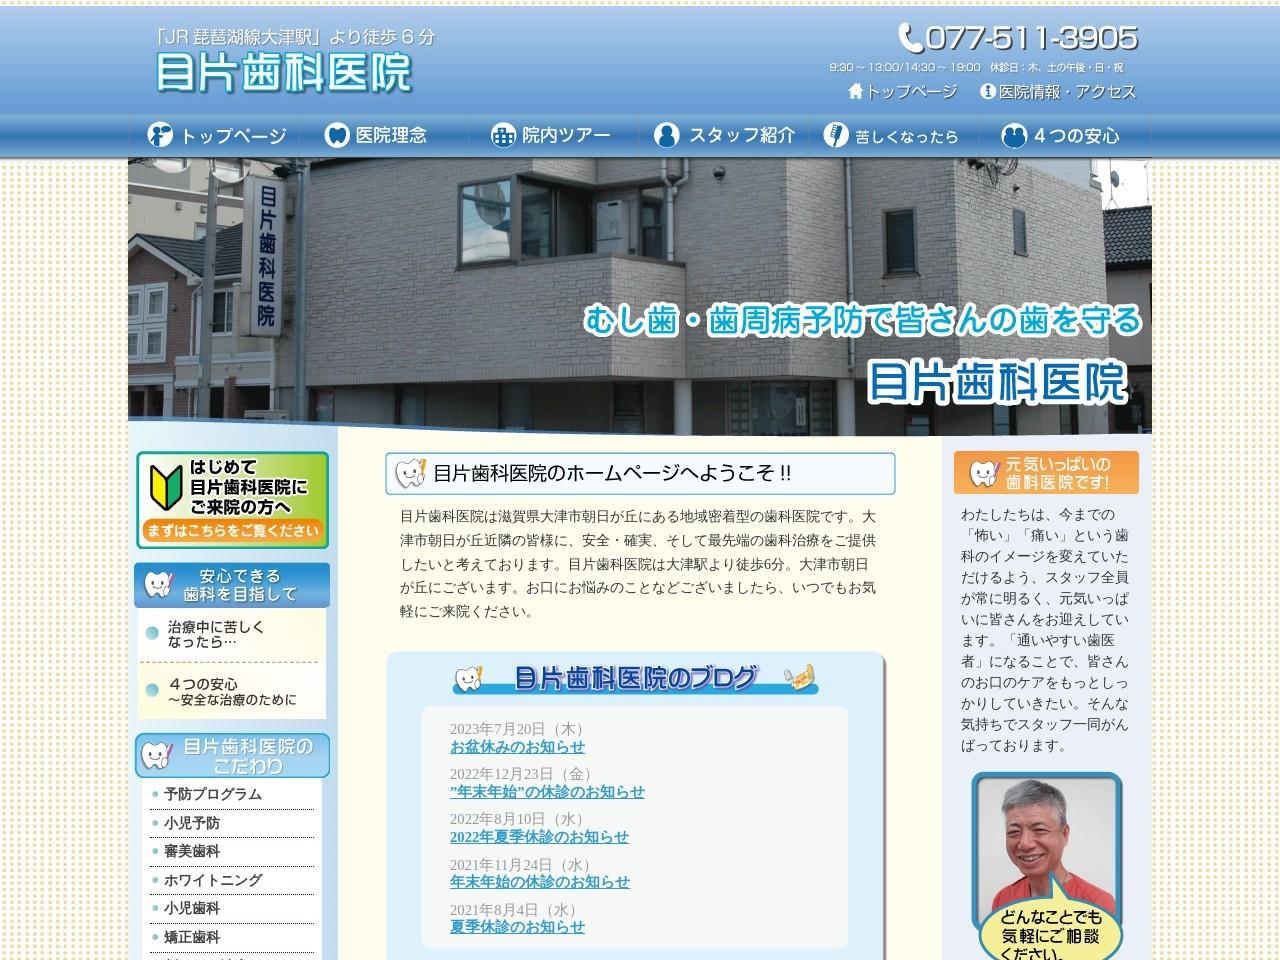 目片歯科医院 (滋賀県大津市)